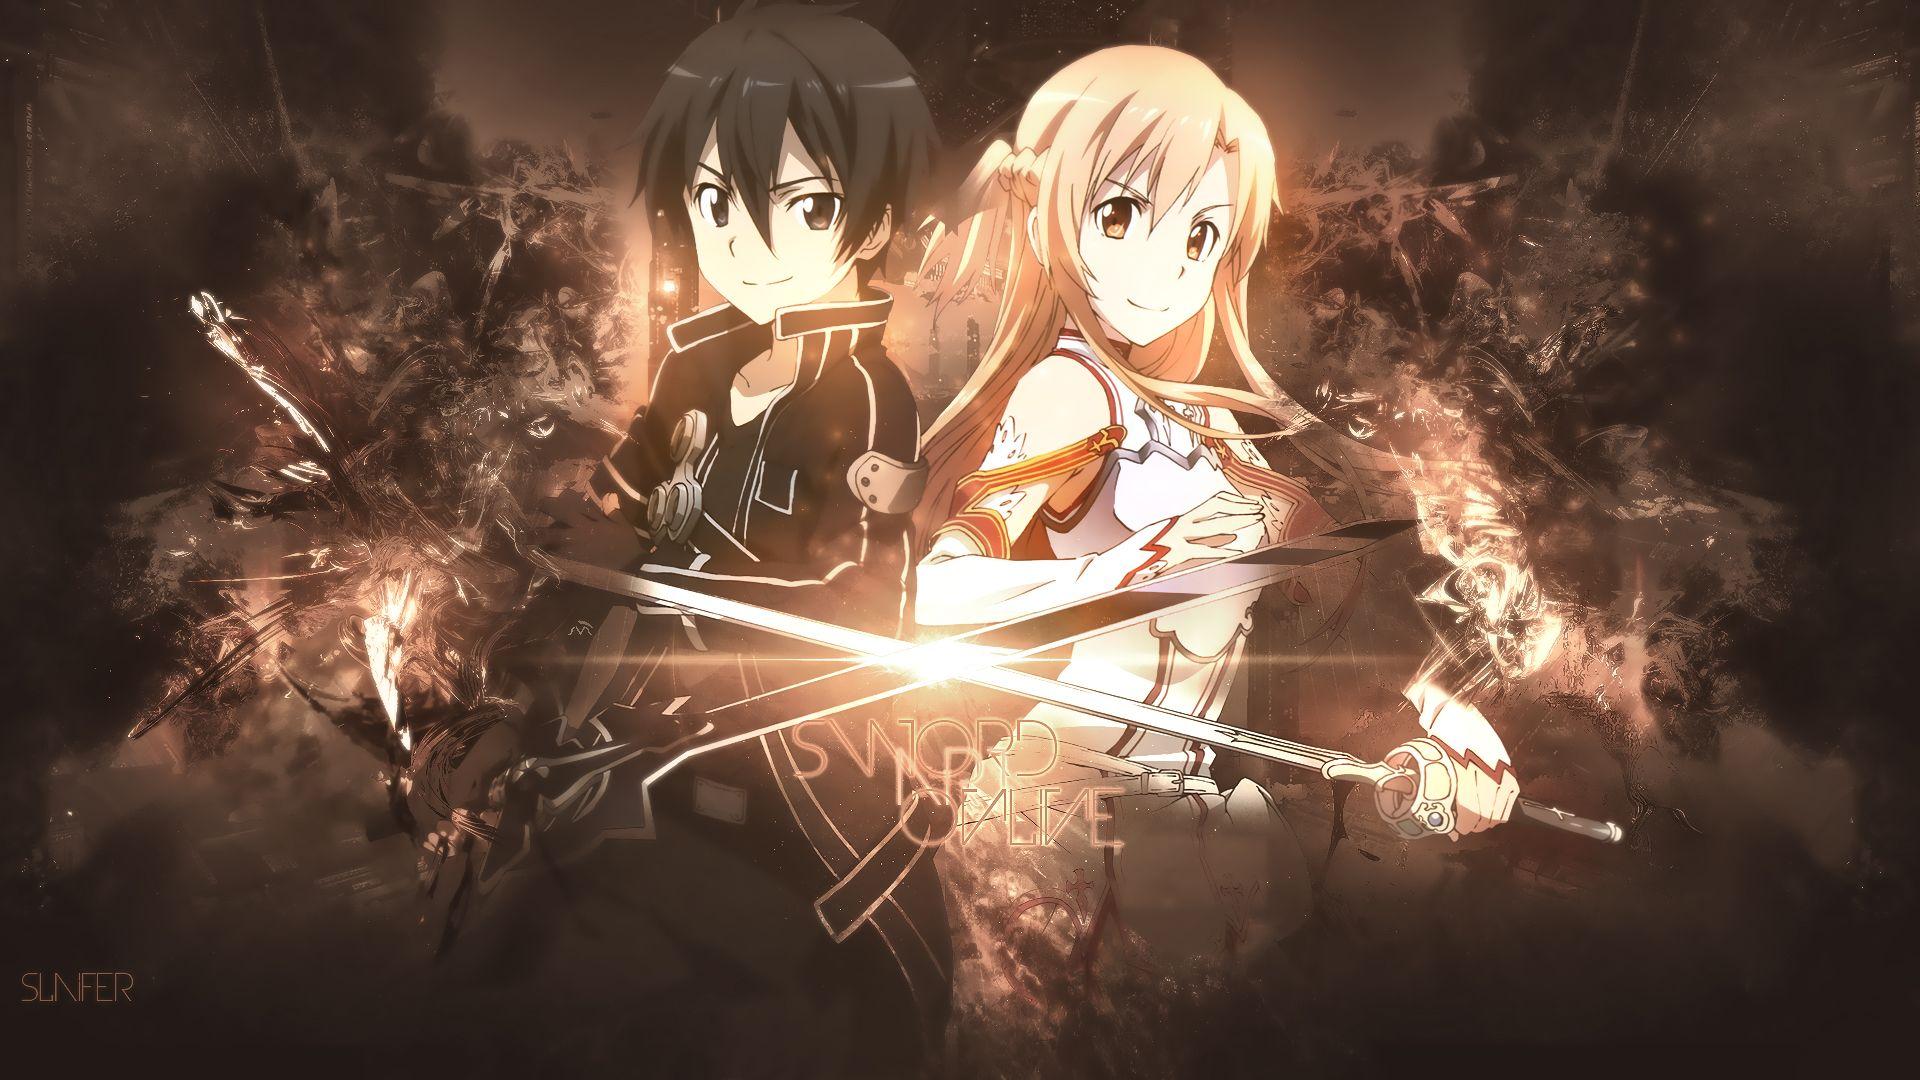 Sword Art Online Wallpaper Sword Art Online Wallpaper Sword Art Online Asuna Sword Art Online Cosplay